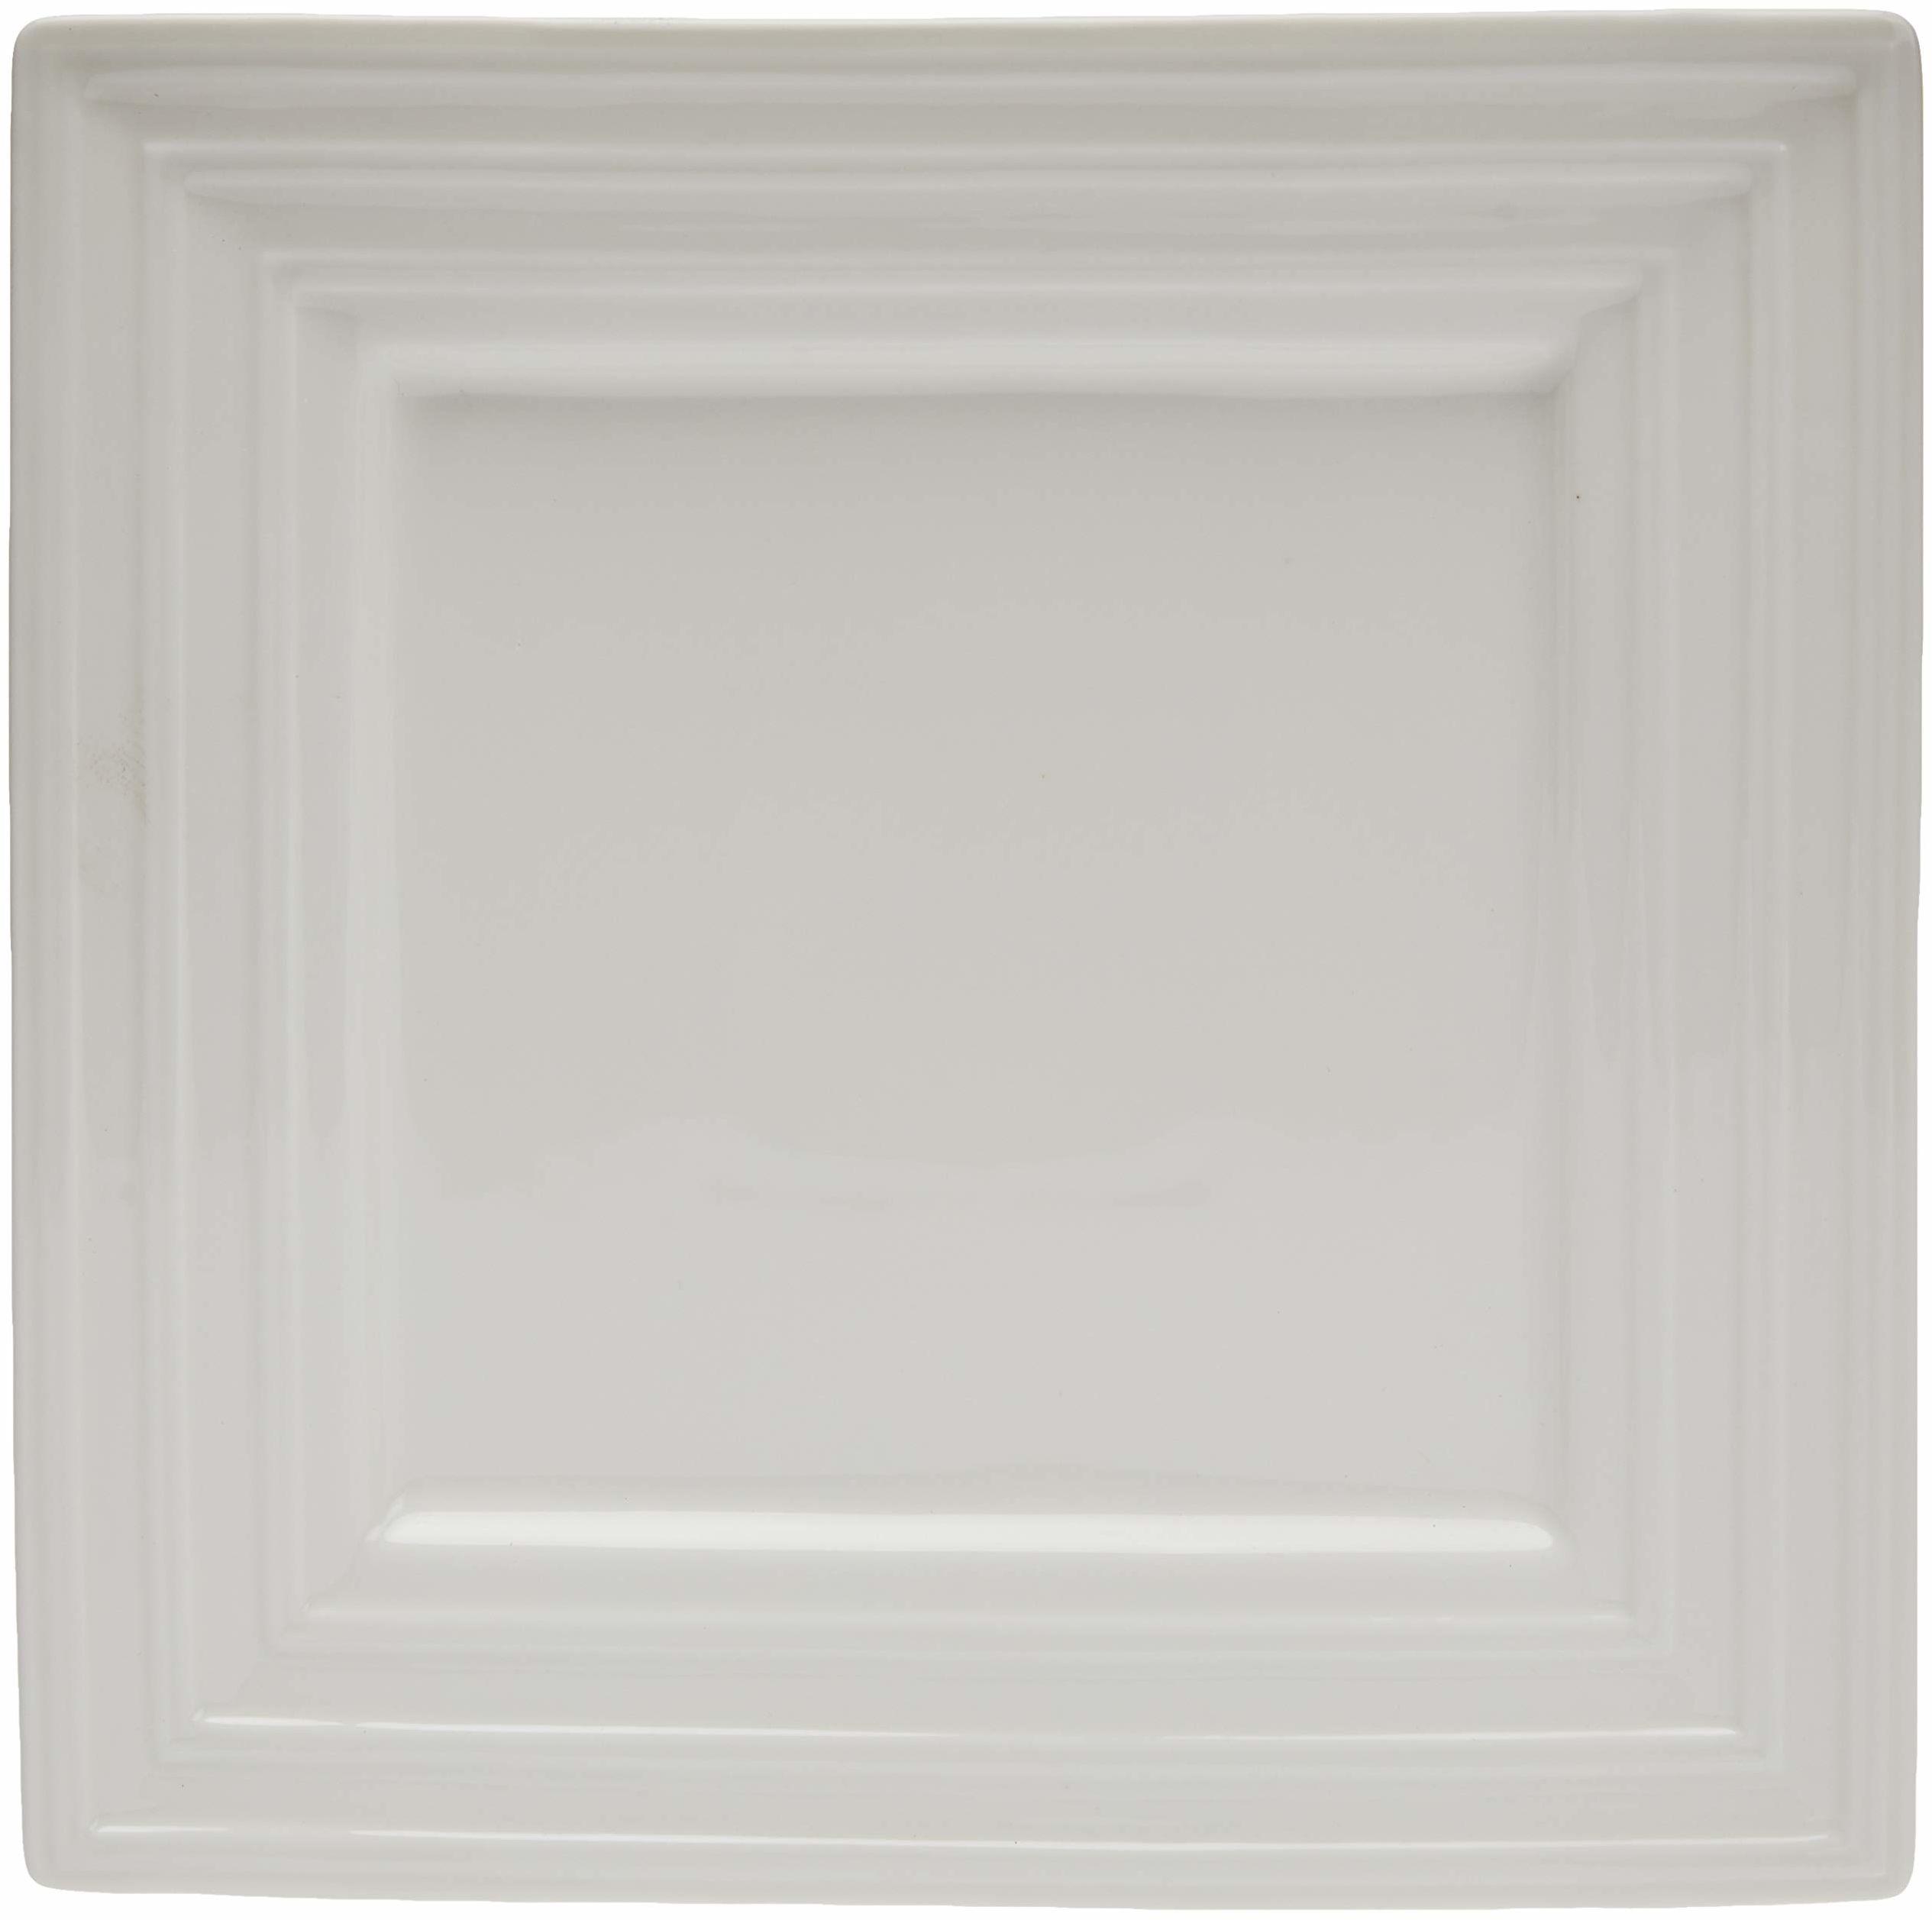 Better & Best P półmisek do serwowania, porcelana, biały, kwadratowy z gładką krawędzią środkową, wymiary 23 x 23 x 2 cm, materiał: ceramika,